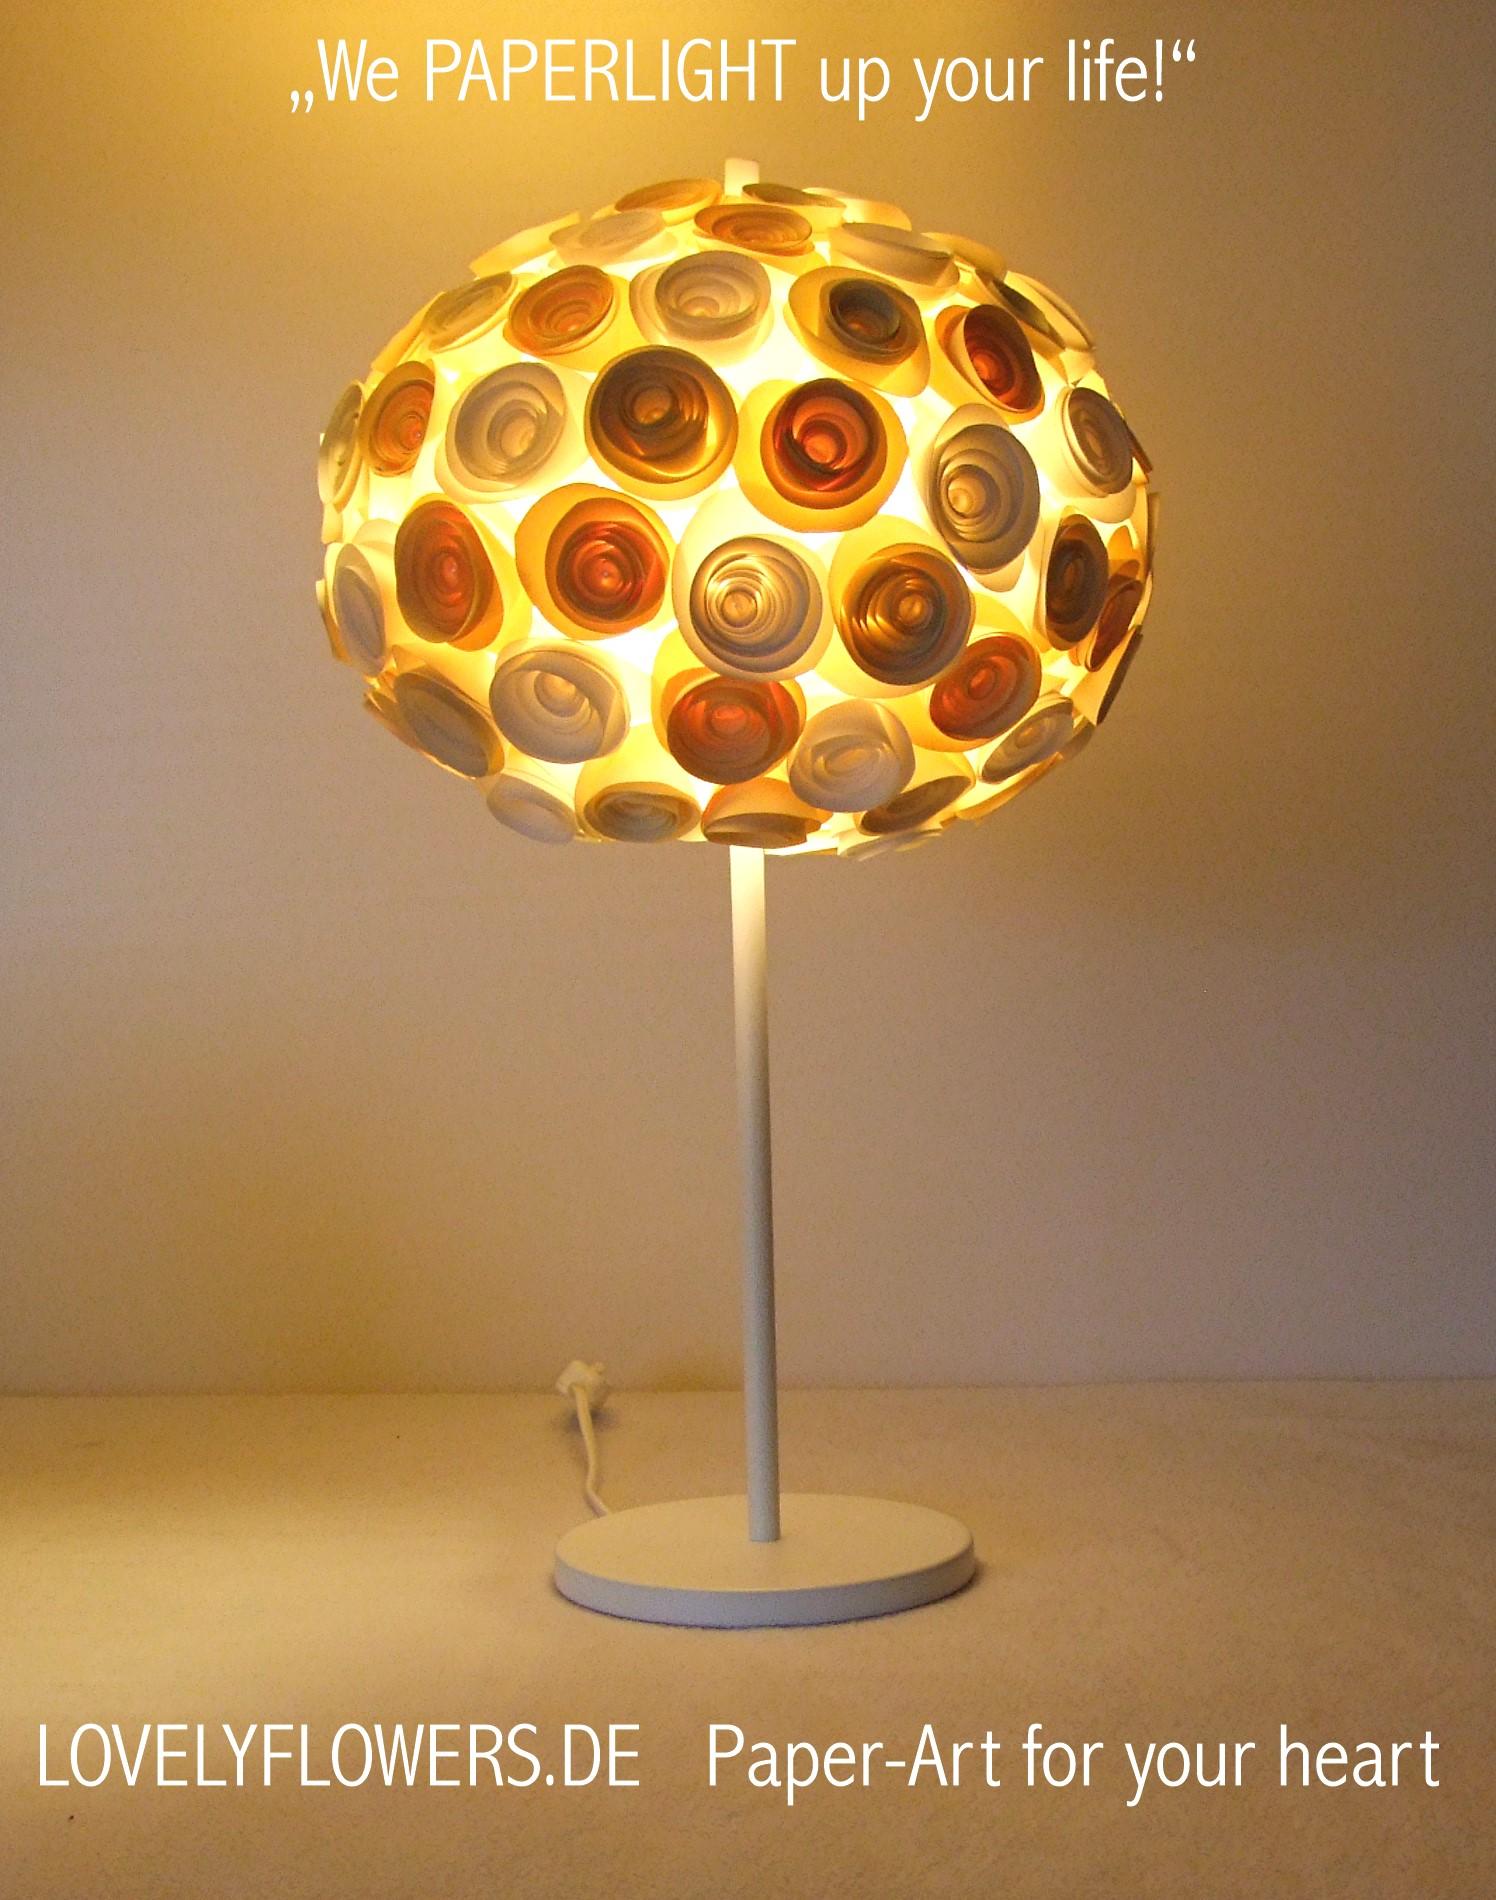 www.lovelyflowers.de - Paper Art Tischlampen sind Abends ein Romantikhighligt!